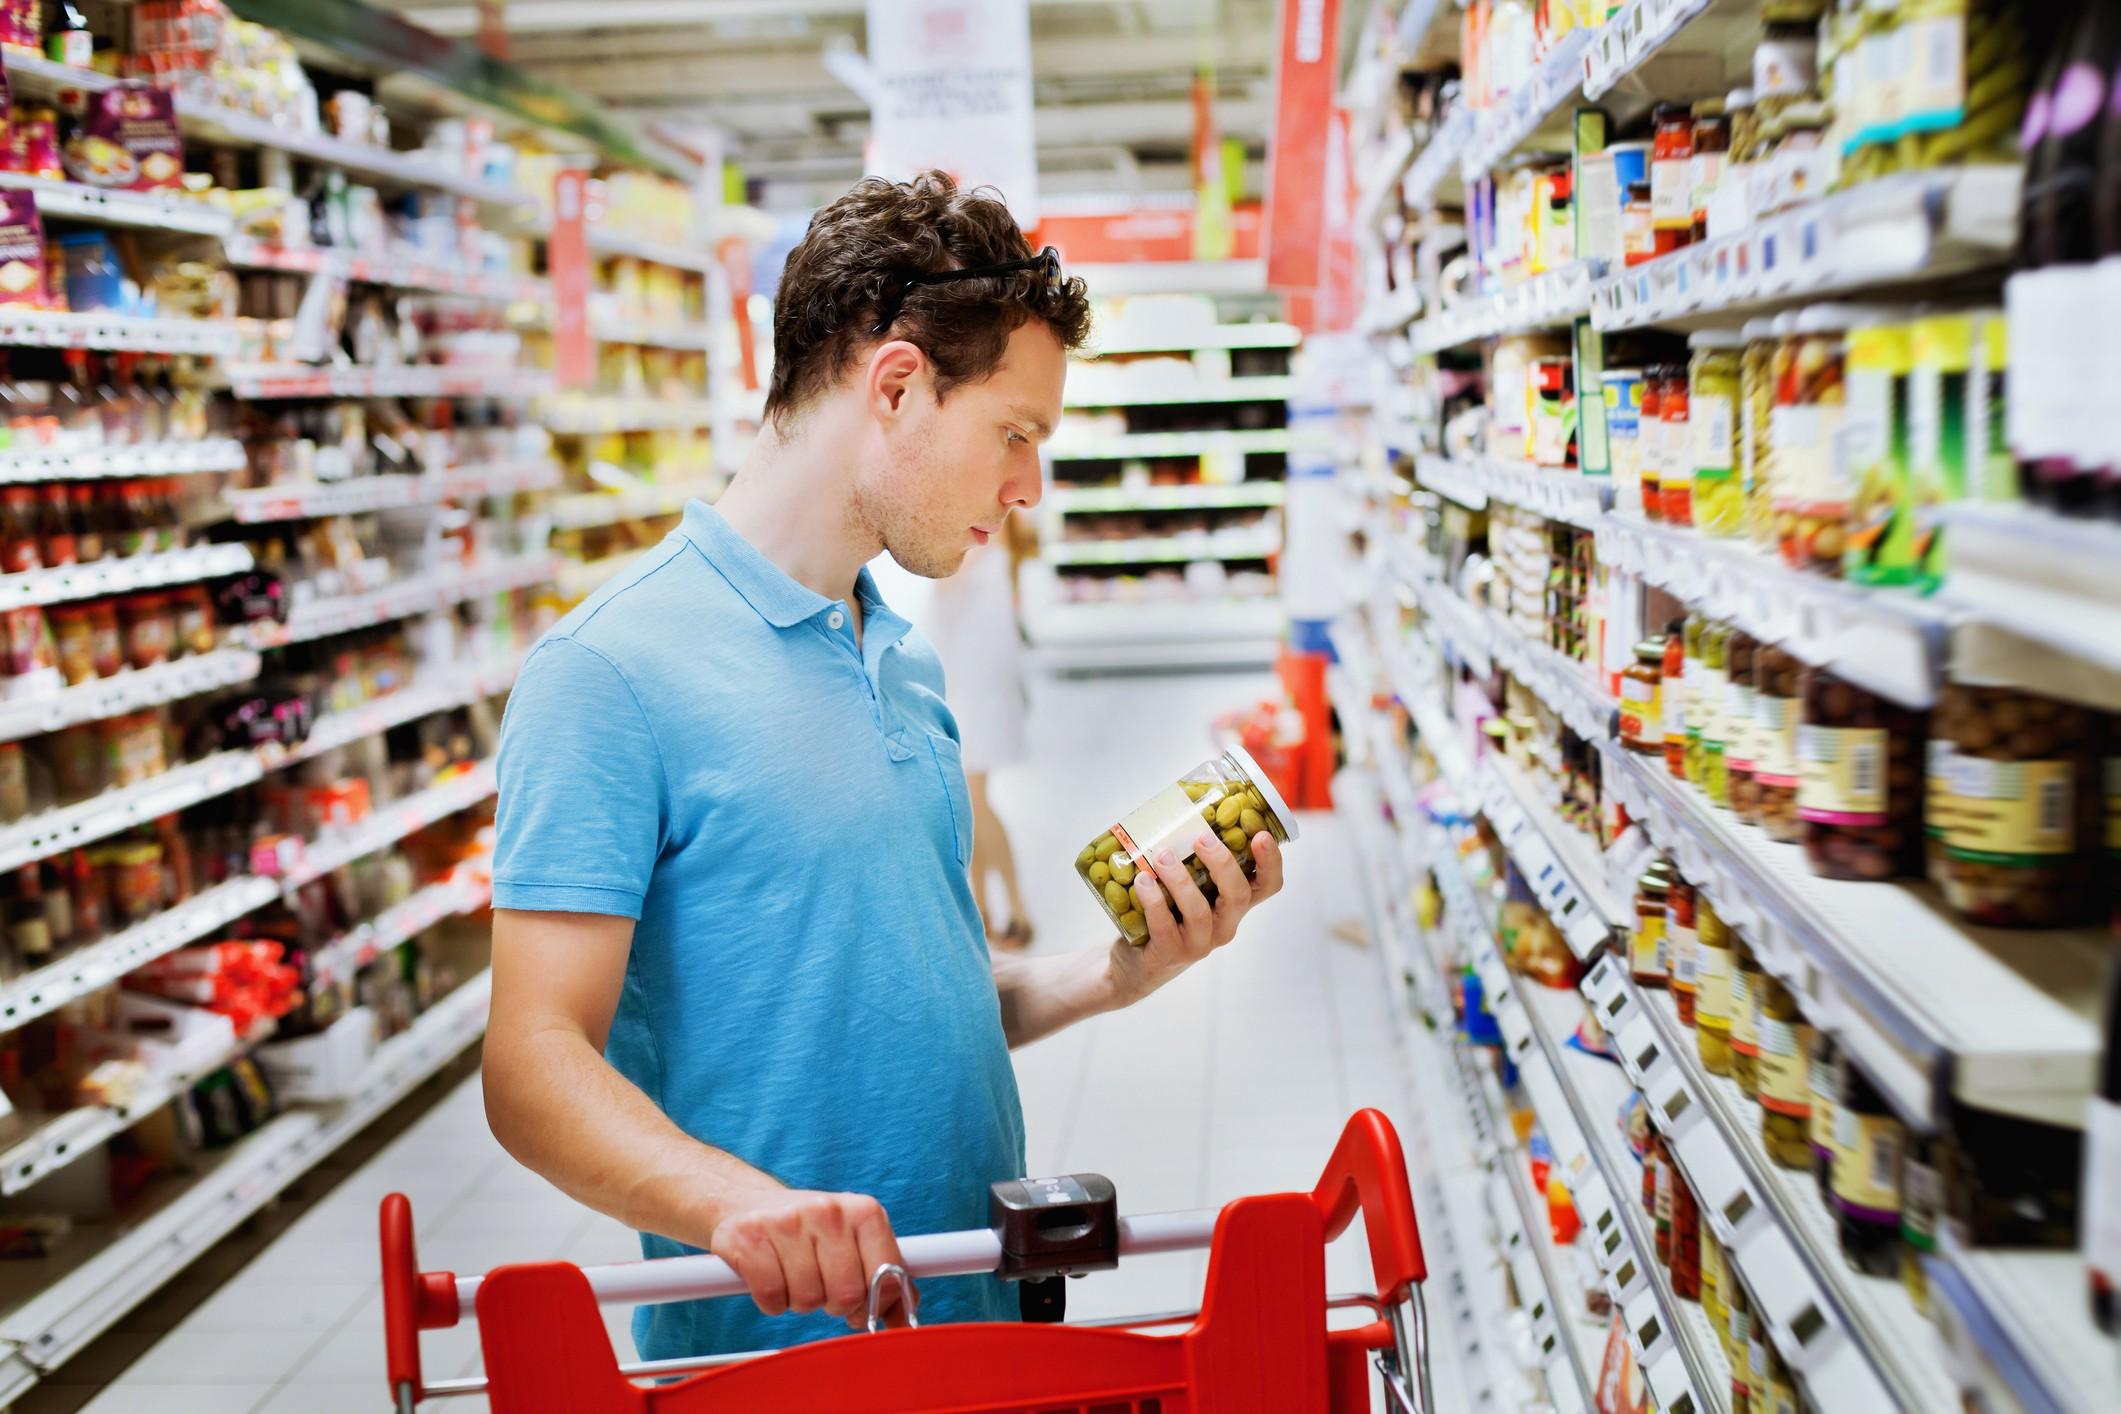 Marcas próprias: produtos mais econômicos para o consumidor e fidelização para o produtor (Foto: Thinkstock)